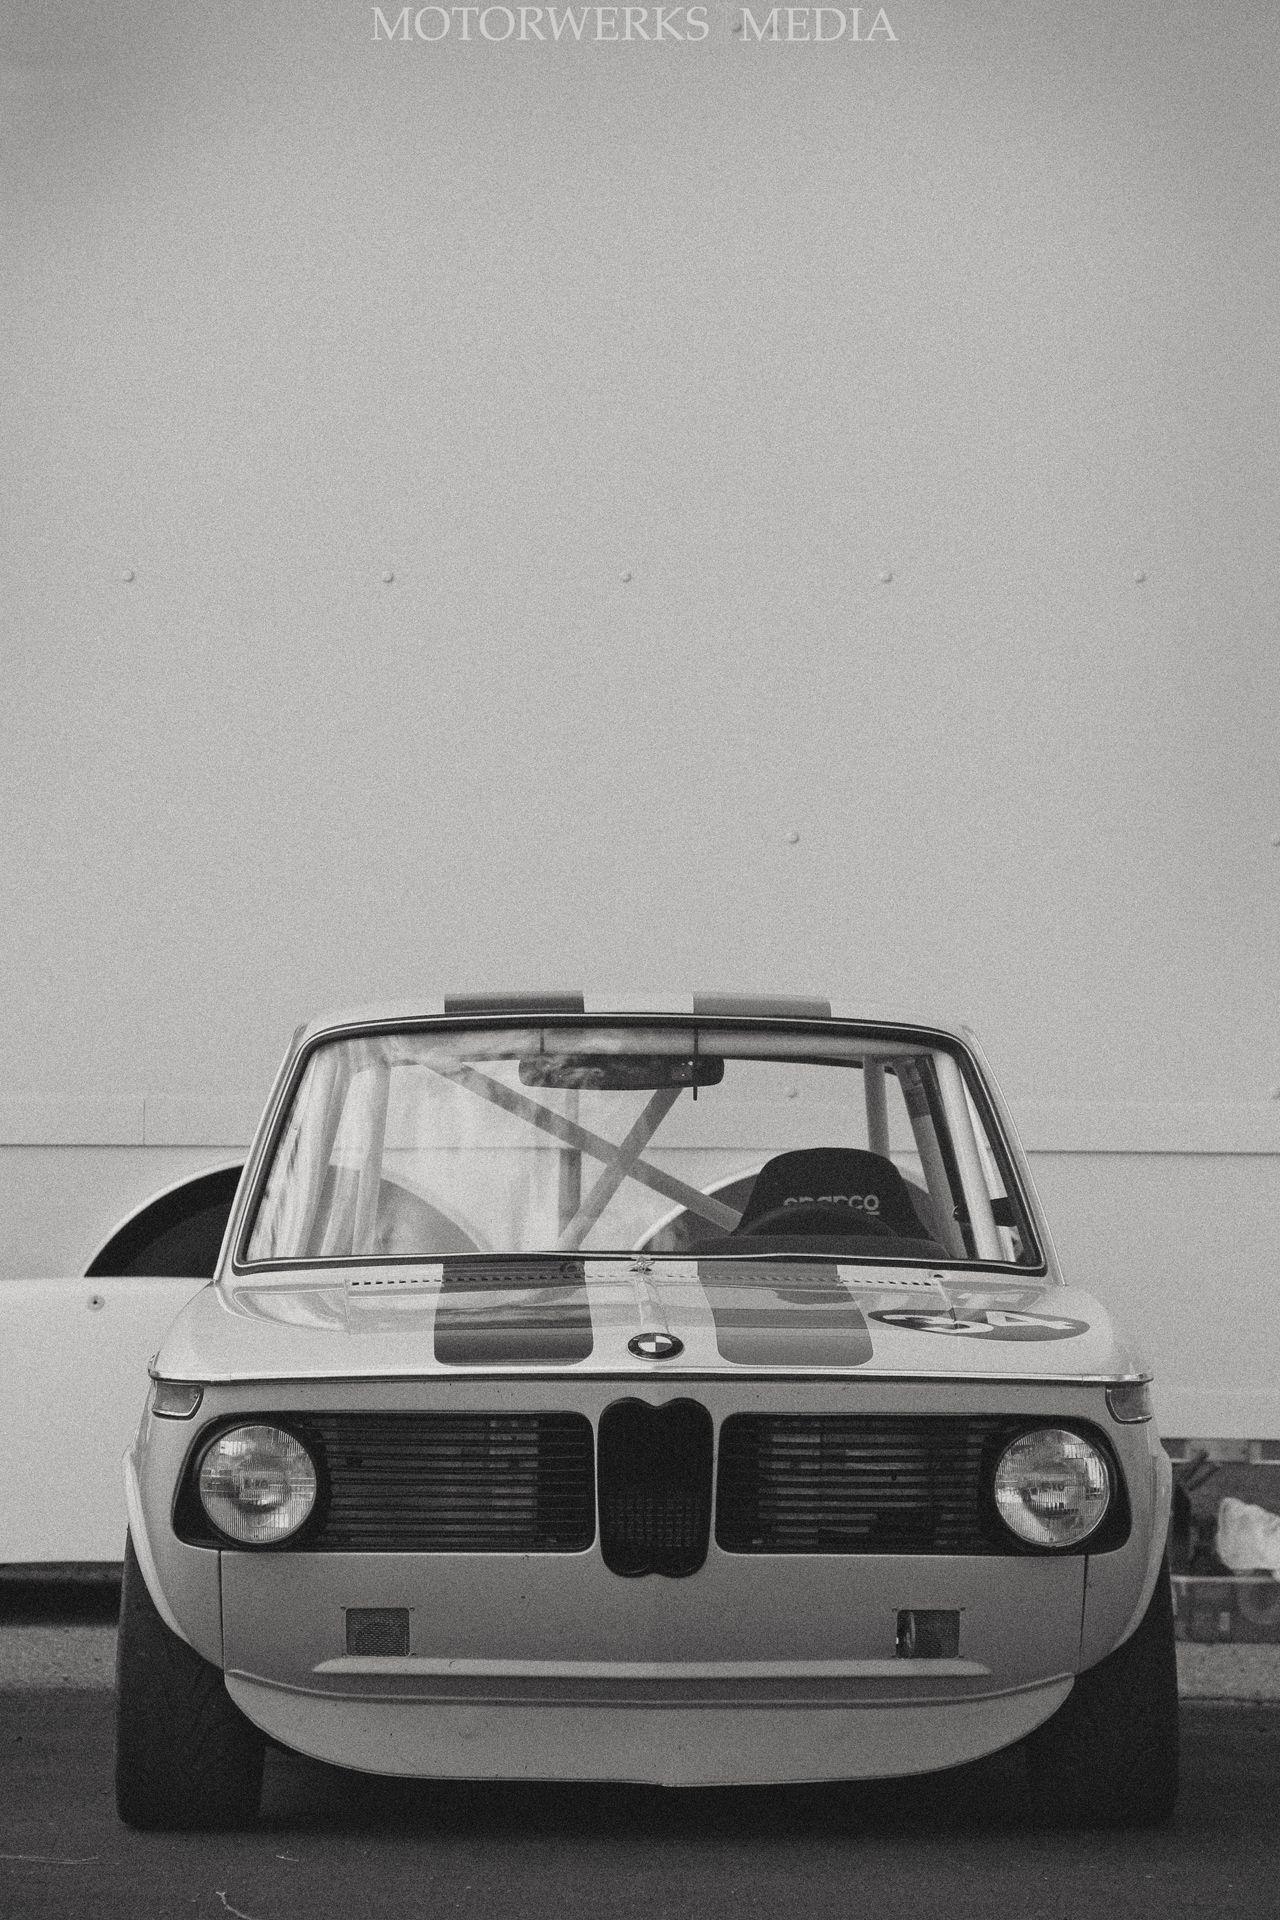 Spokane Festival of Speed: BMW 2002 | ° ғᴏᴜʀ-Шʜᴇᴇʟs ...